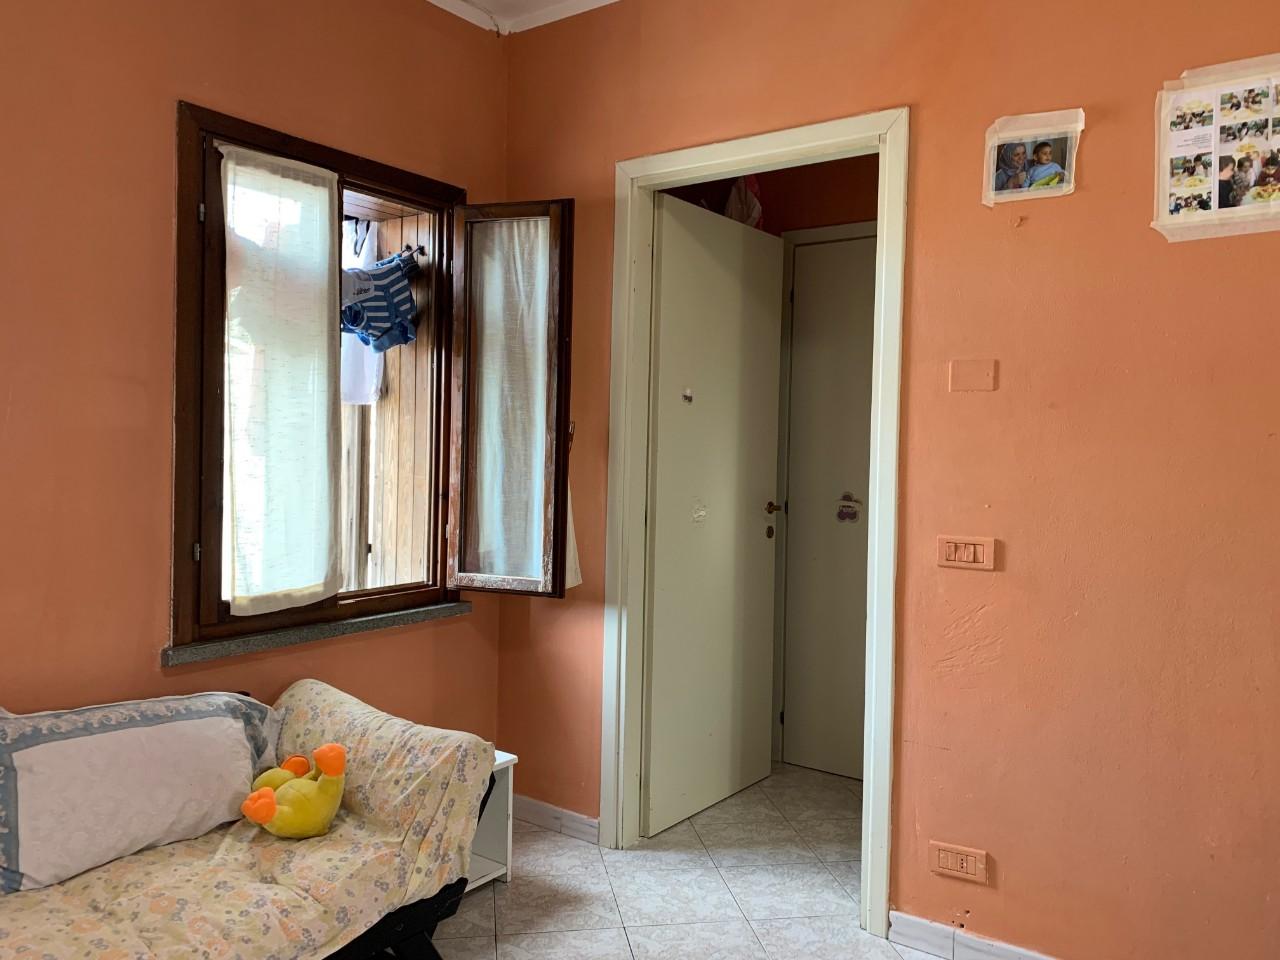 Appartamento in vendita Reggio Emilia Zona Pieve Modolena